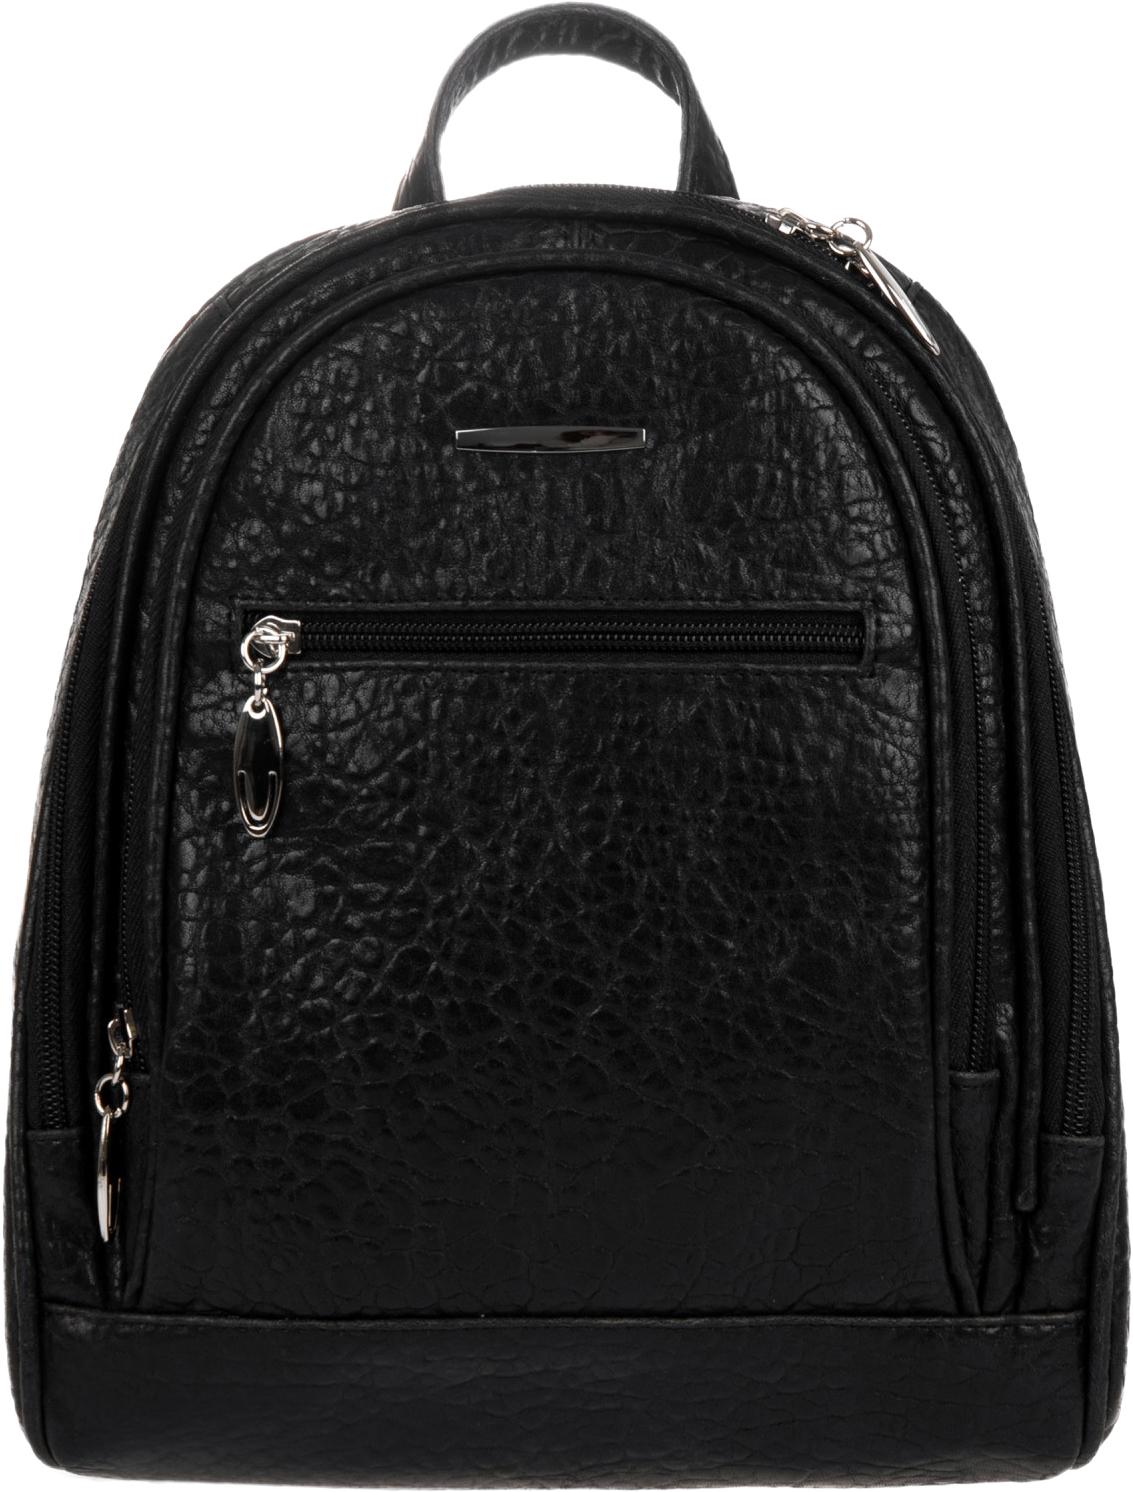 Рюкзак женскийрюк Constanta, цвет: черный. 1-2825-945